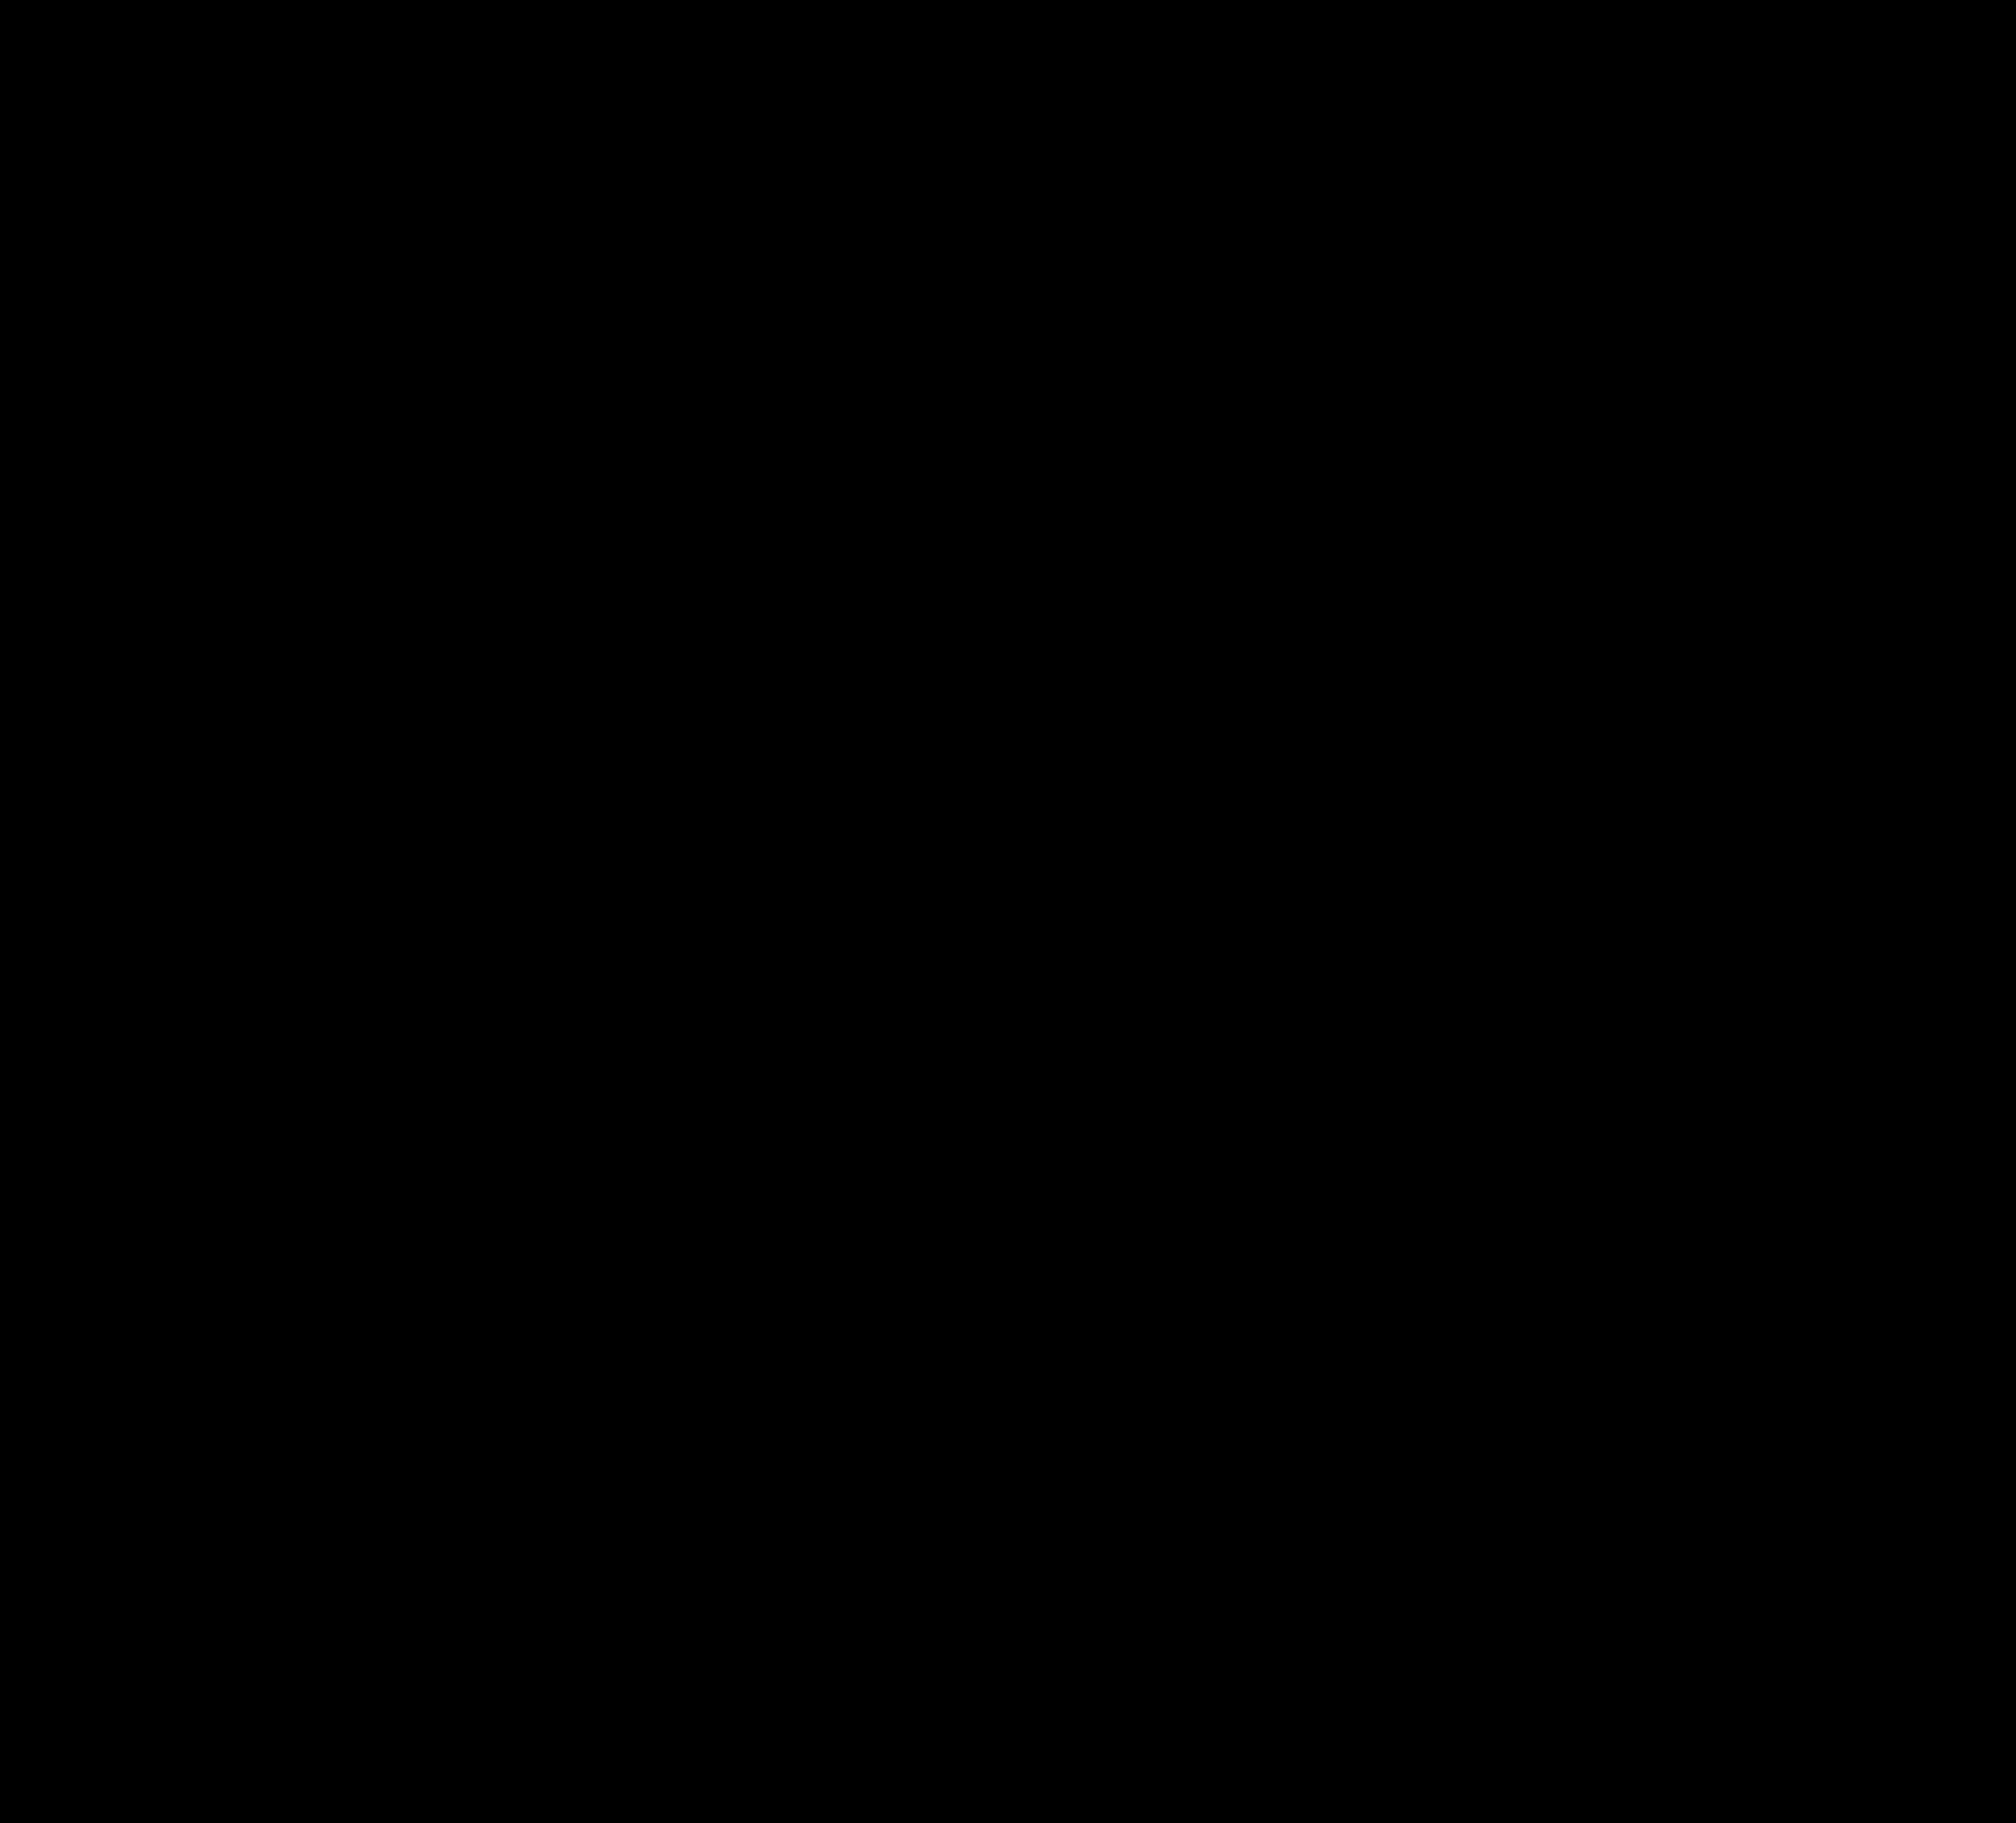 ABWood logo